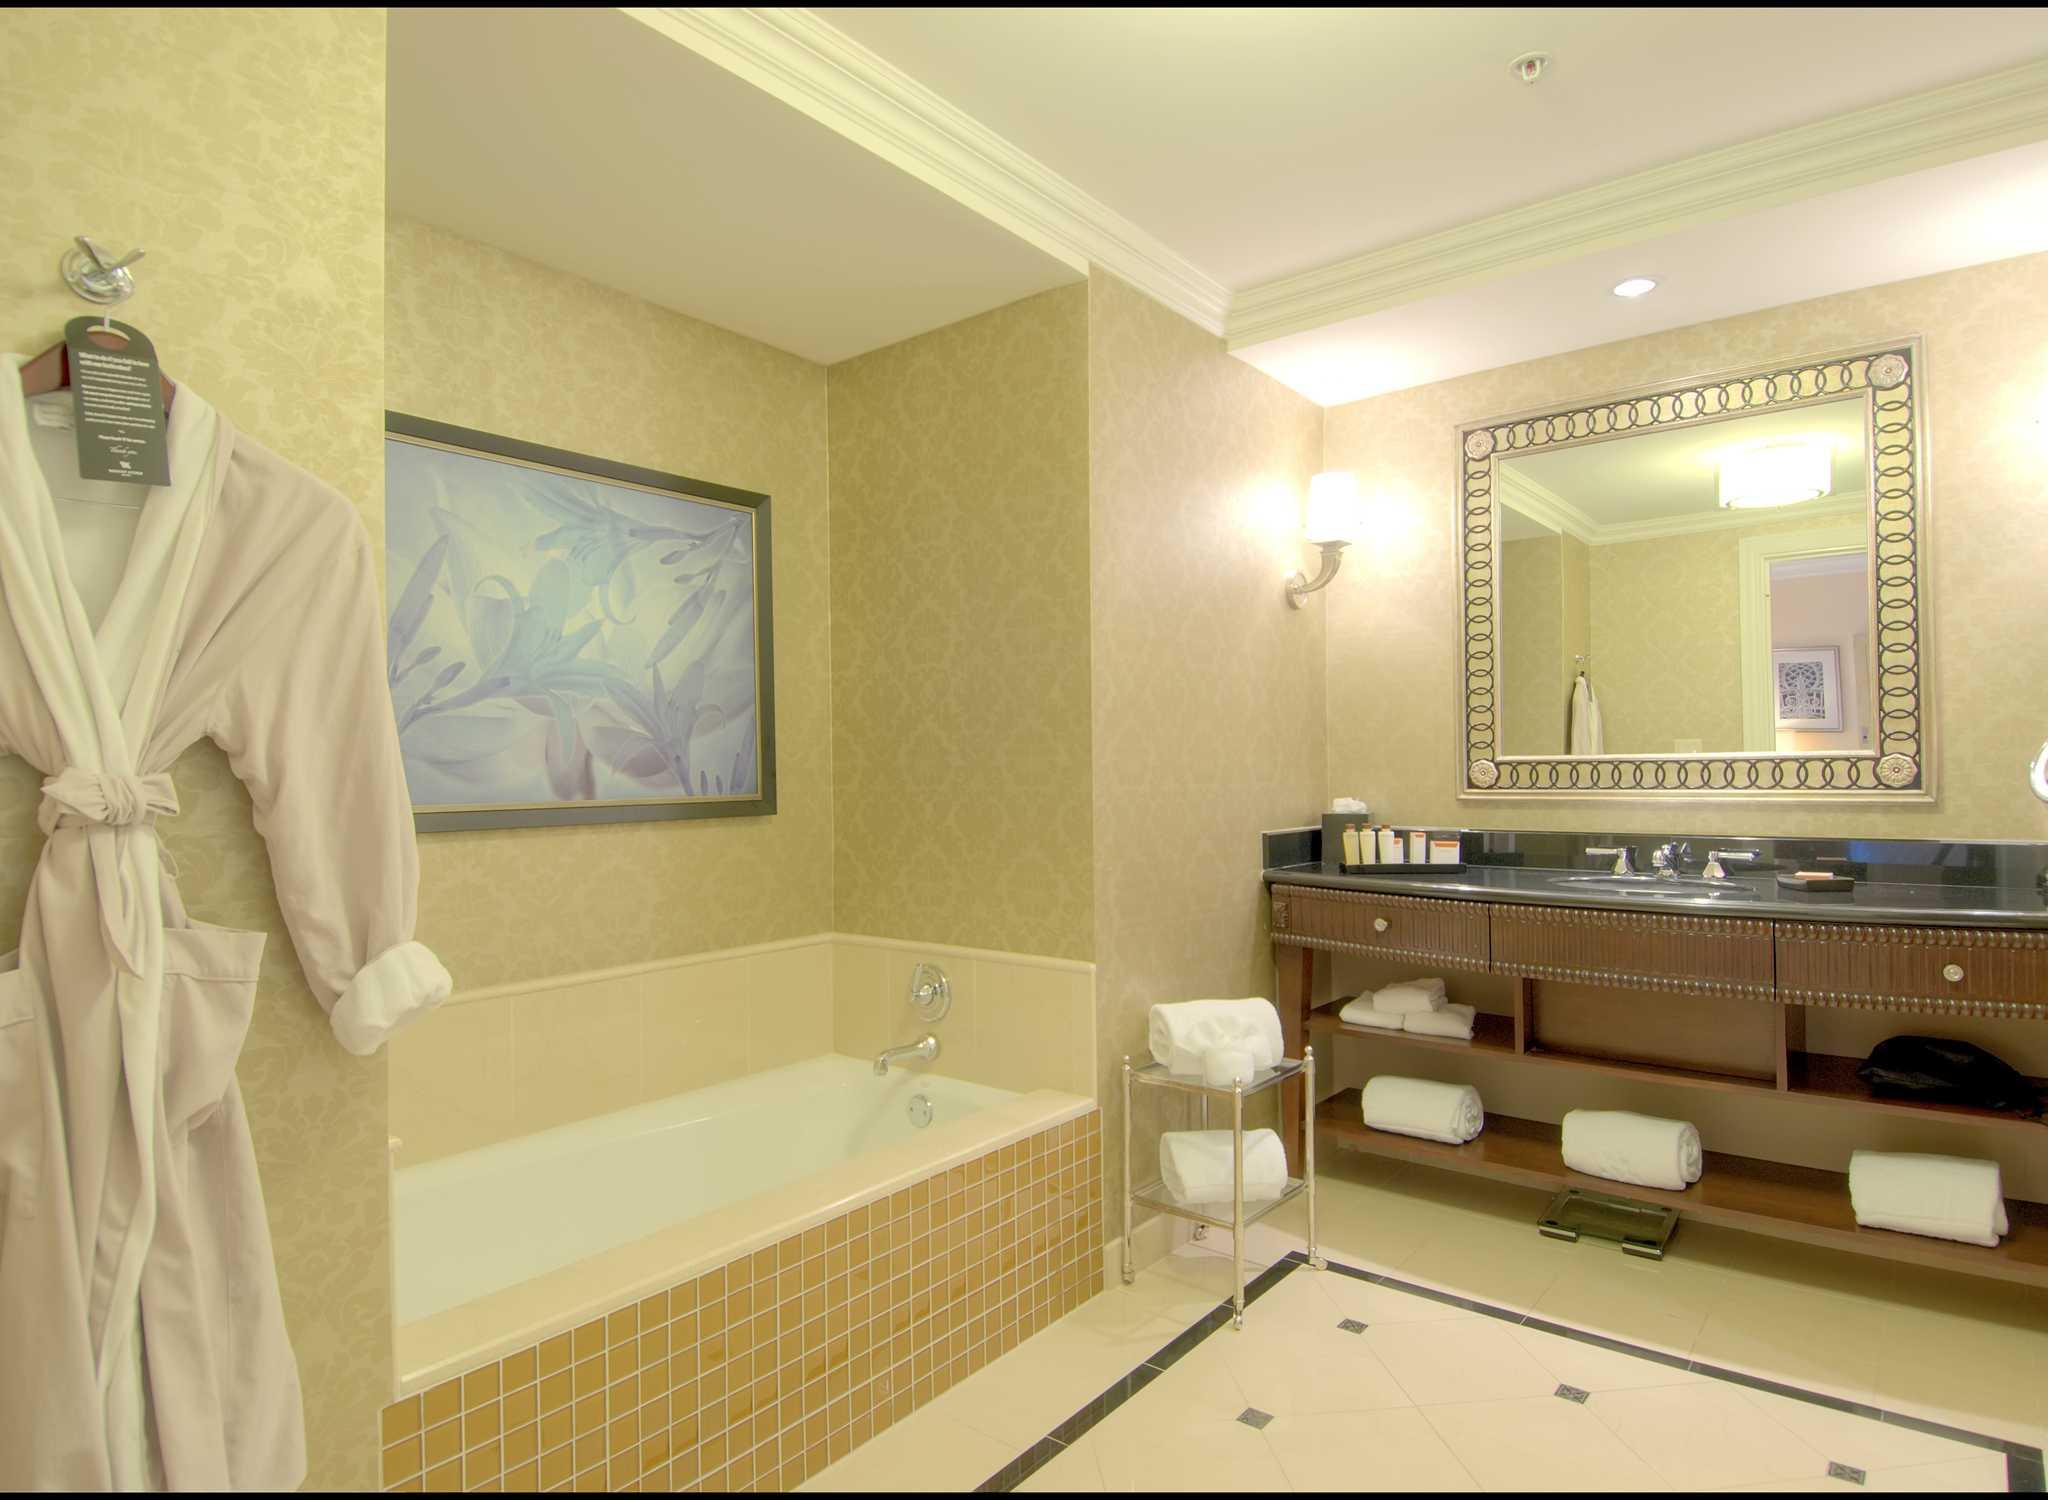 #9A7E31 Hotel Waldorf Astoria Orlando Florida EUA – Banheiro Standard 2048x1500 px Banheiro Luxo Eventos 2837